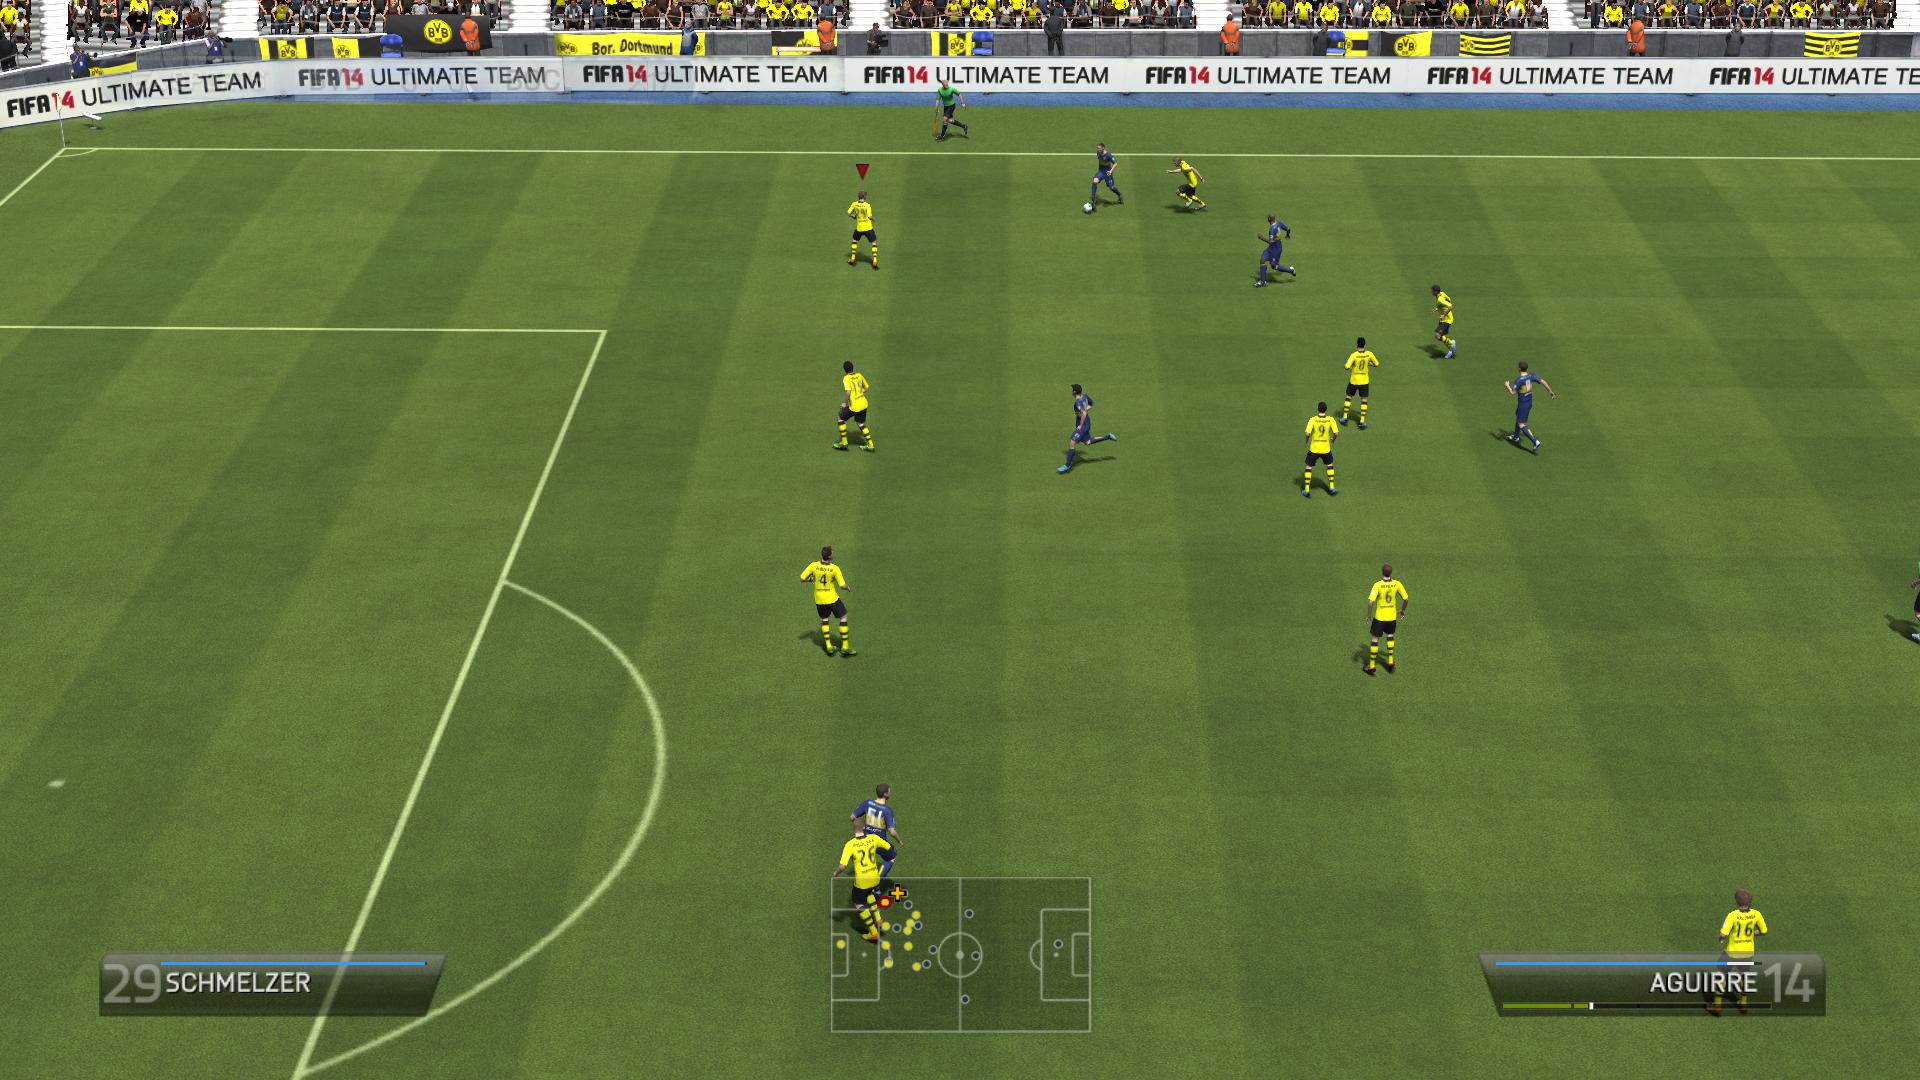 Widok z kamery meczowej w FIFA 14